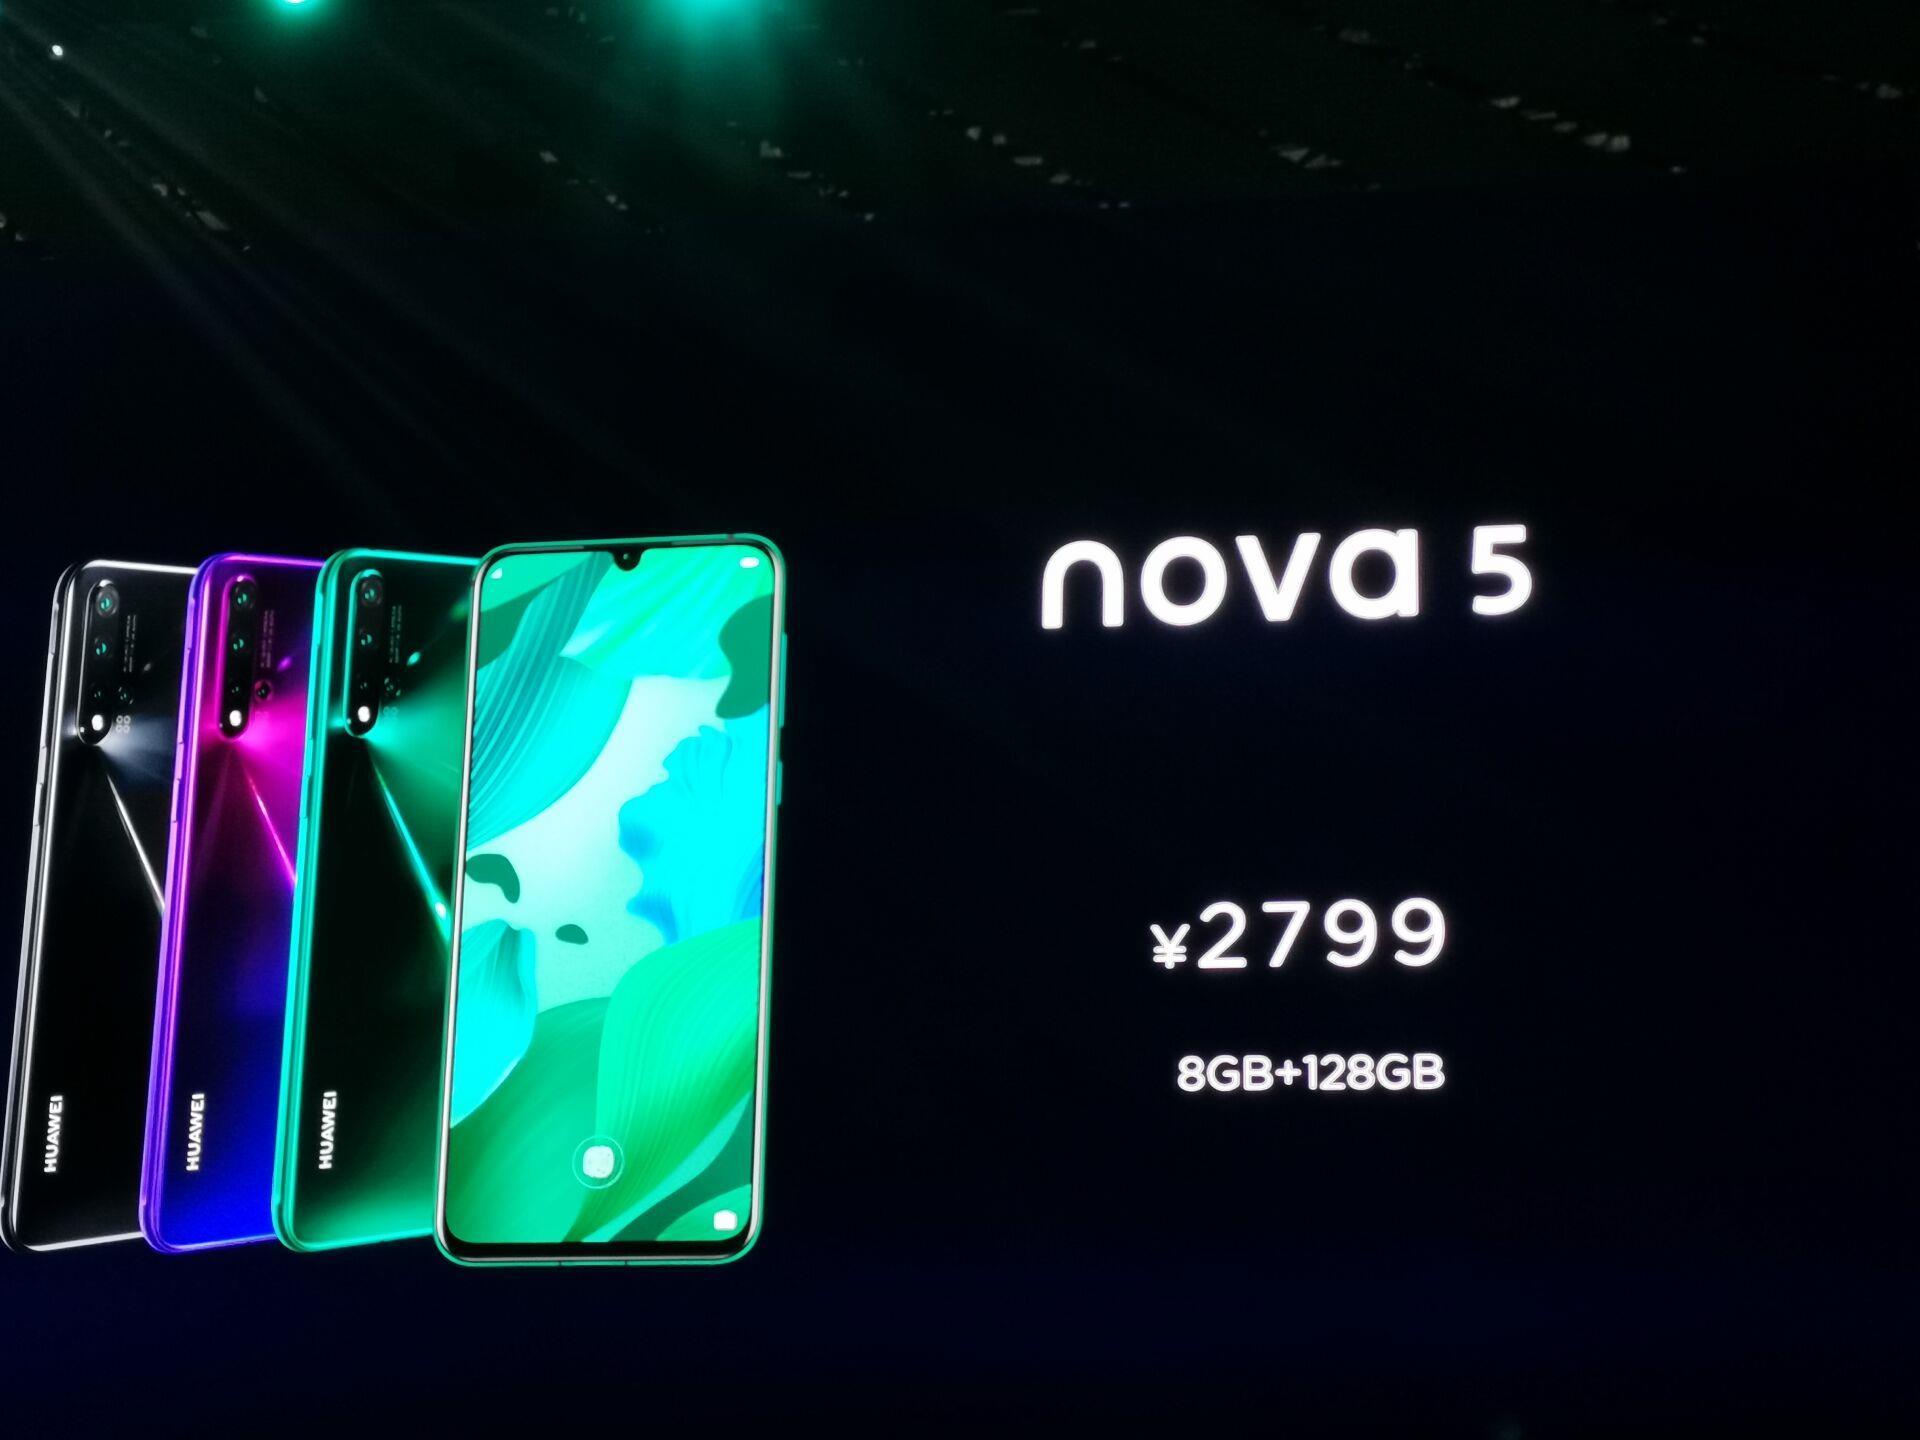 蓝牙立体声耳机推荐_华为nova5系列正式发布:人像超级夜景重新定义自拍标准-华为 ...